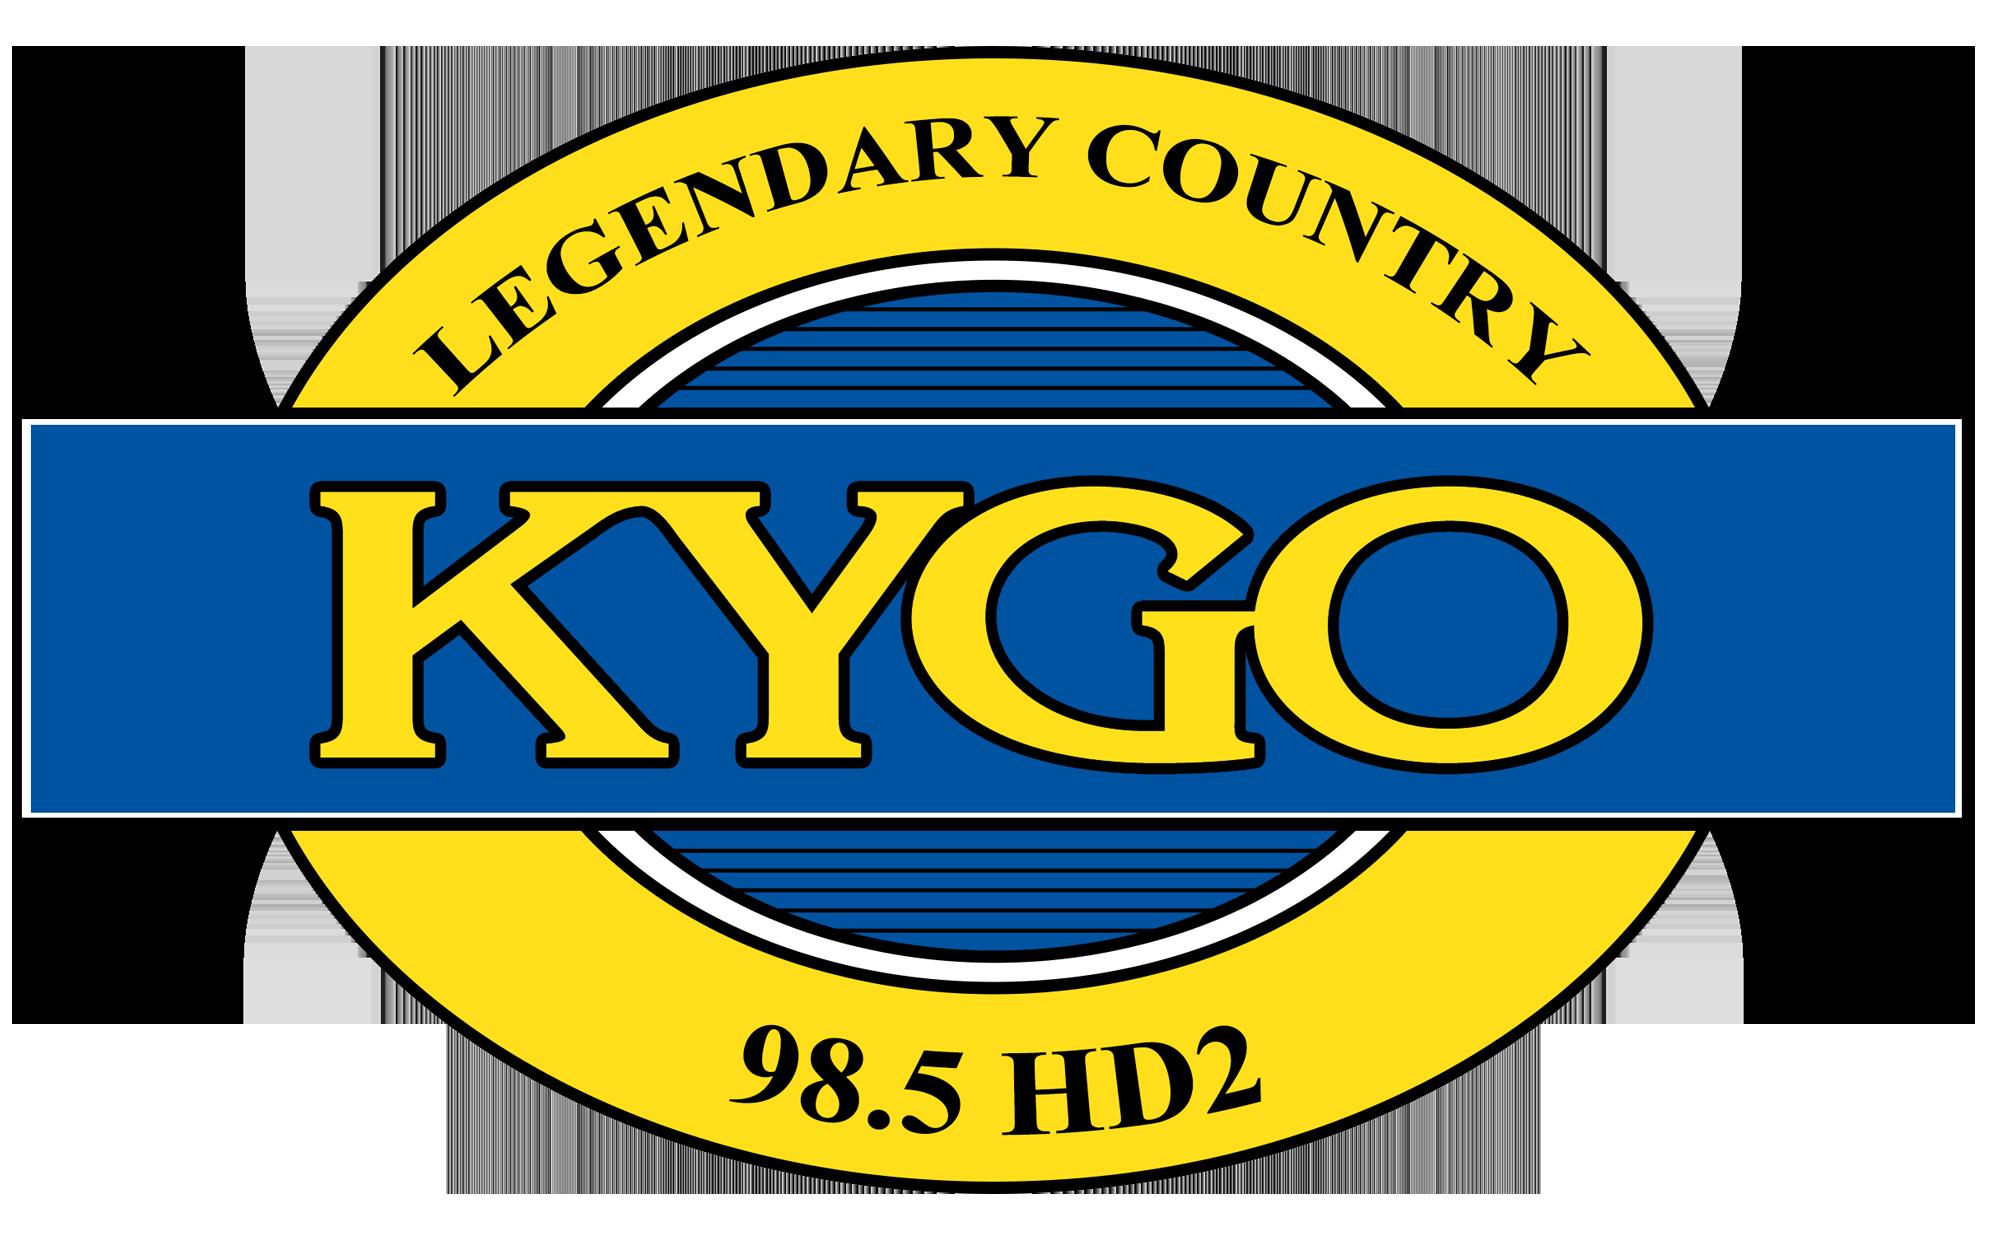 98.5 KYGO HD2